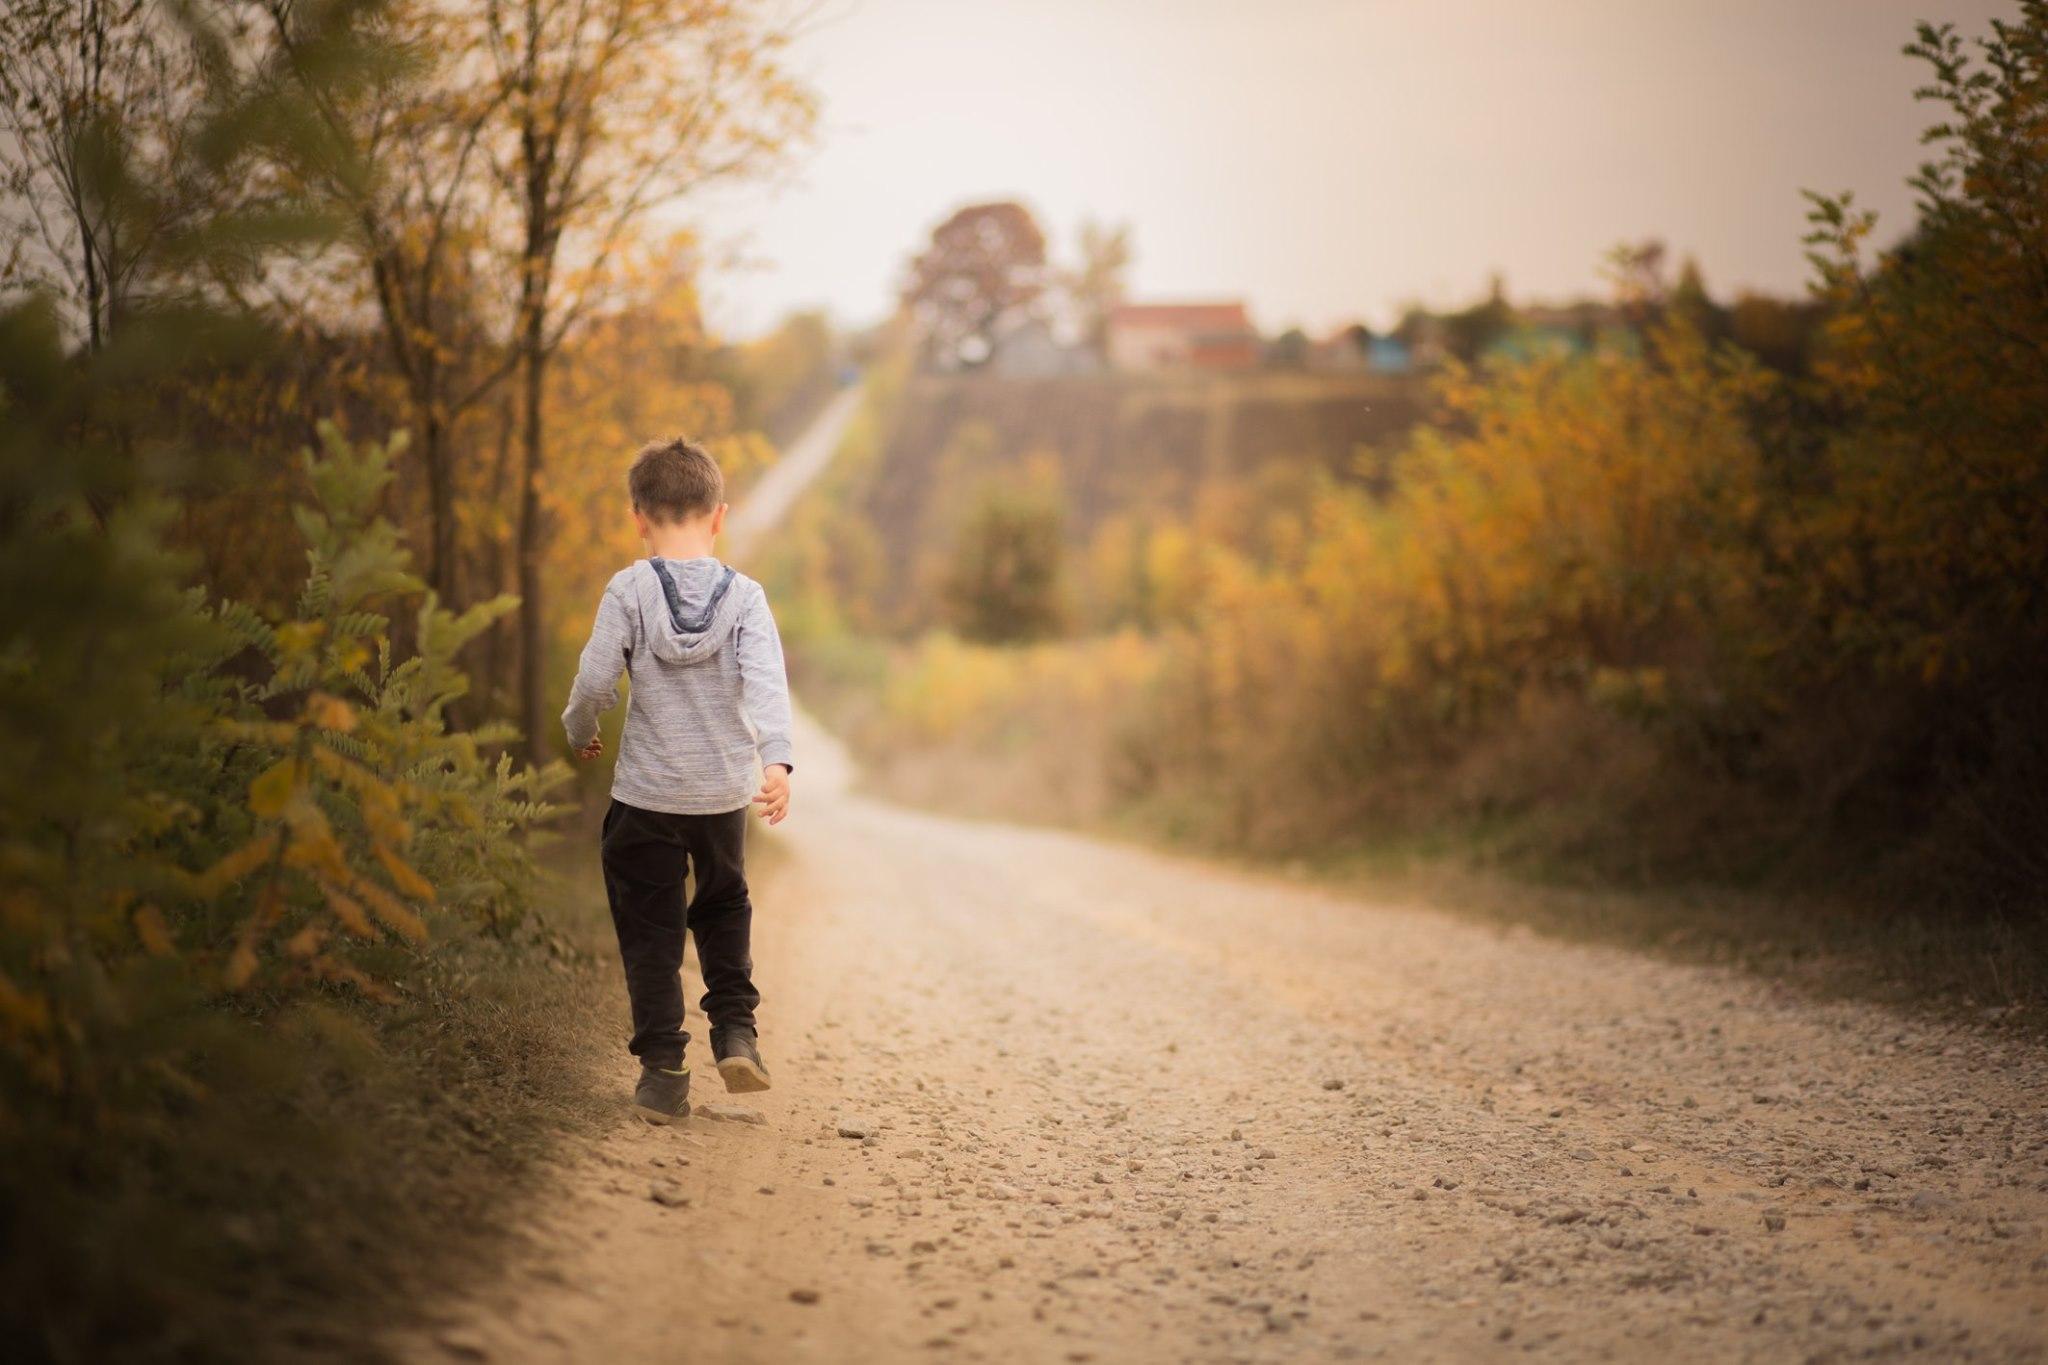 Nedecontarea abonamentelor pentru elevi, pentru transport judeÈ›ean,  va duce la creÈ™terea abandonului È™colar